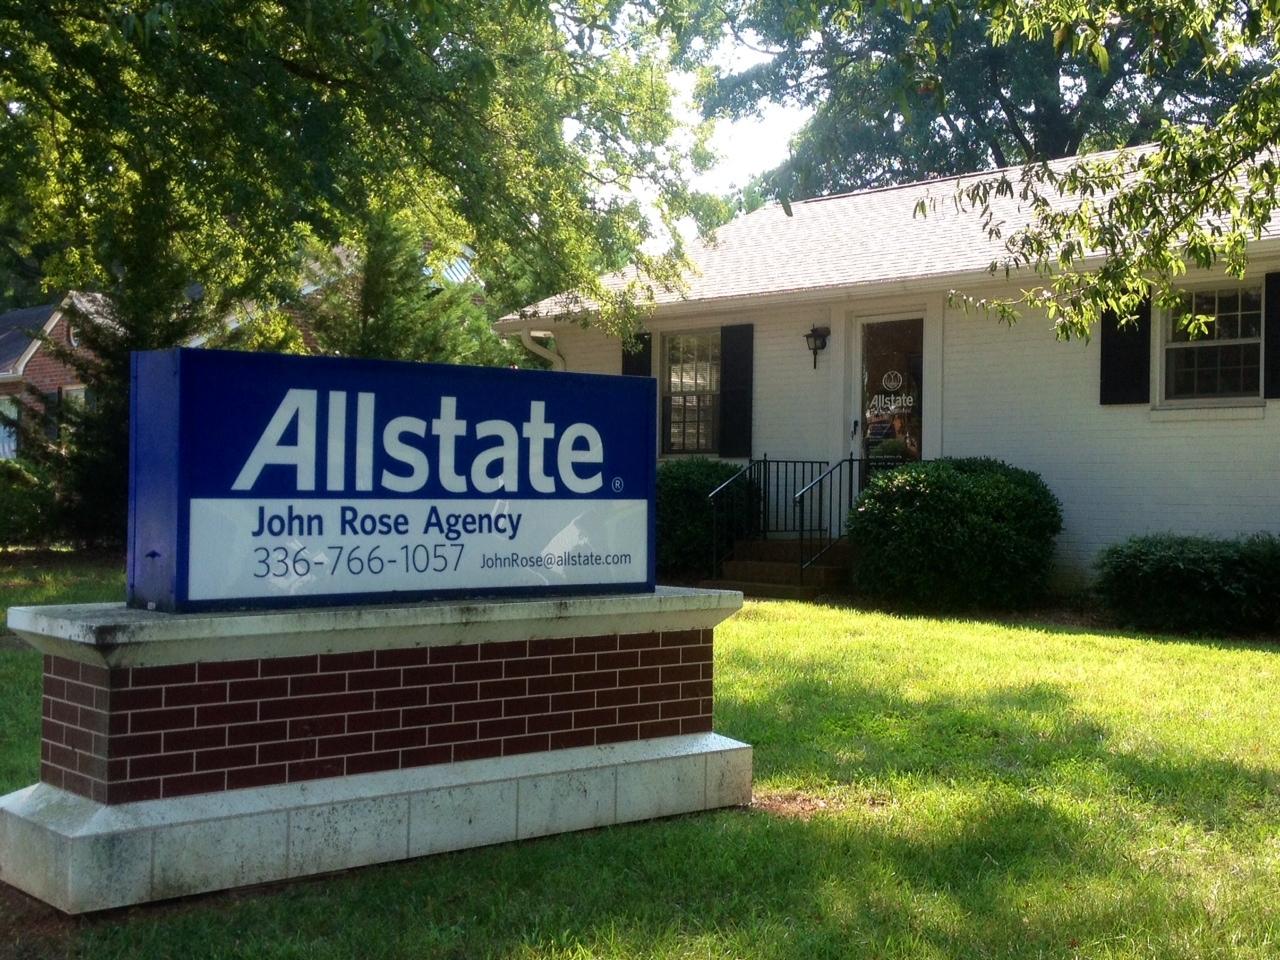 John Rose: Allstate Insurance image 2